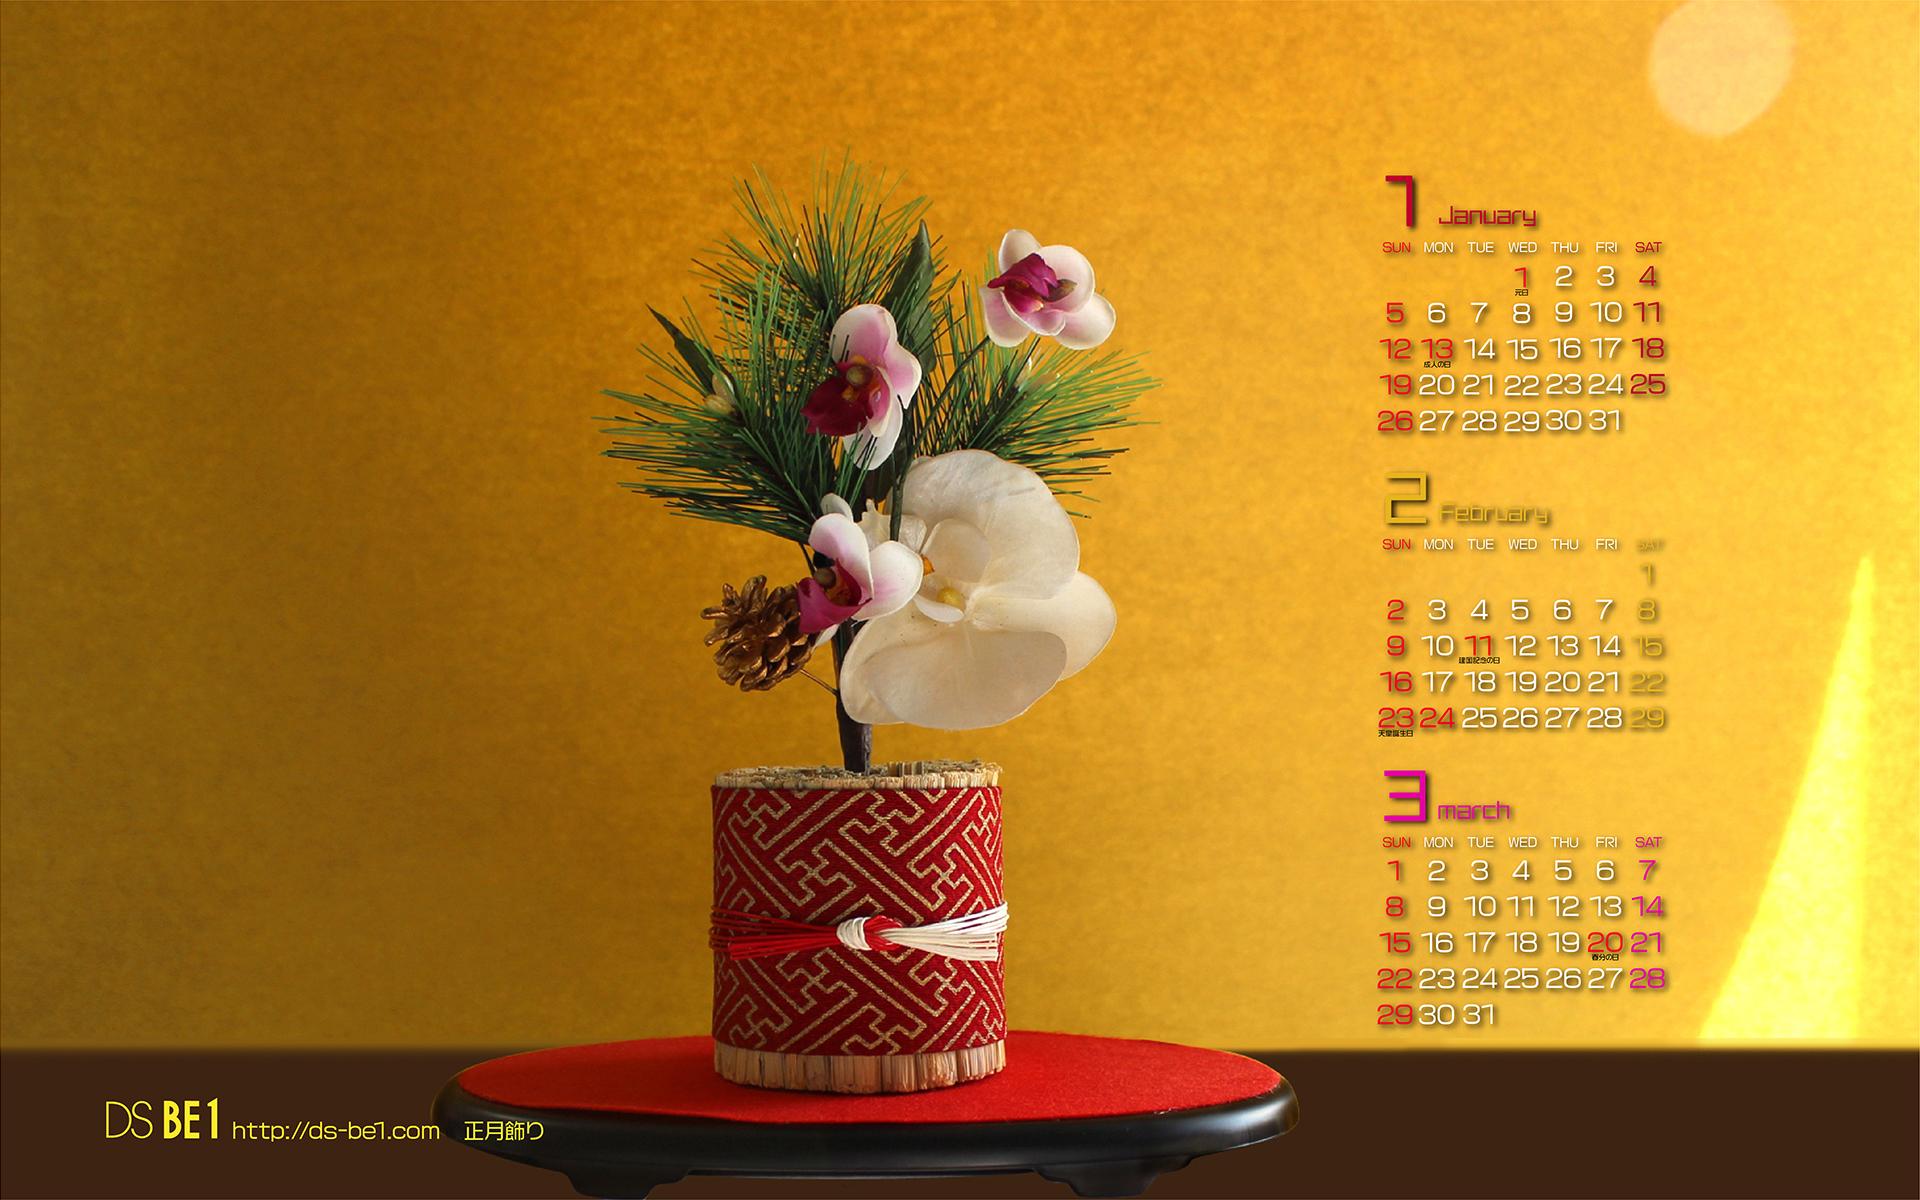 ビーワン 季節の壁紙カレンダー3ヶ月付 年1月 パソコンデスクトップ スマホ用 ダウンロード無料 フリー